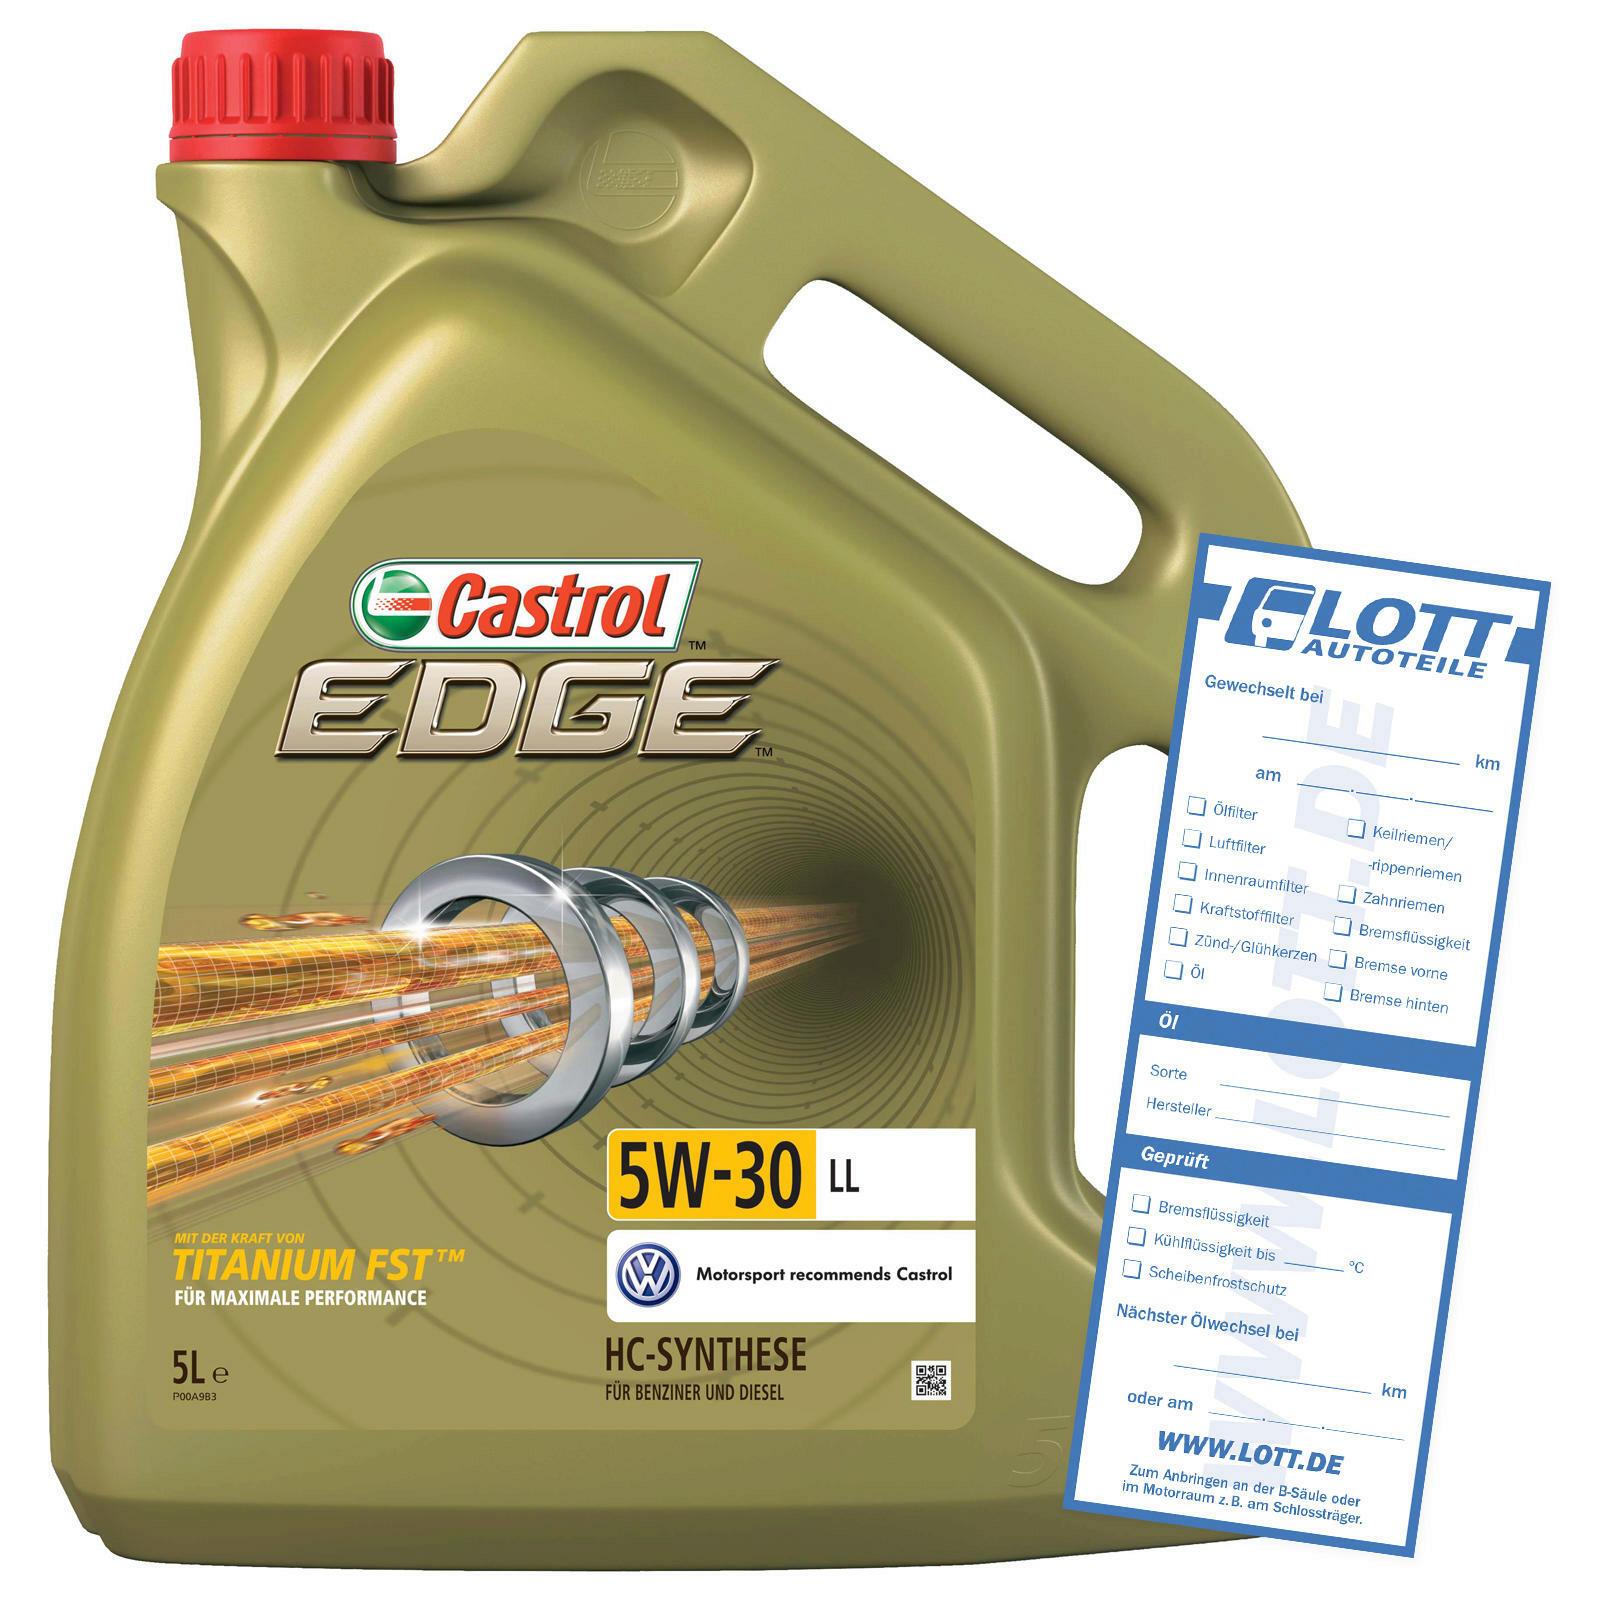 CASTROL Motoröl EDGE LL 5W-30 5L